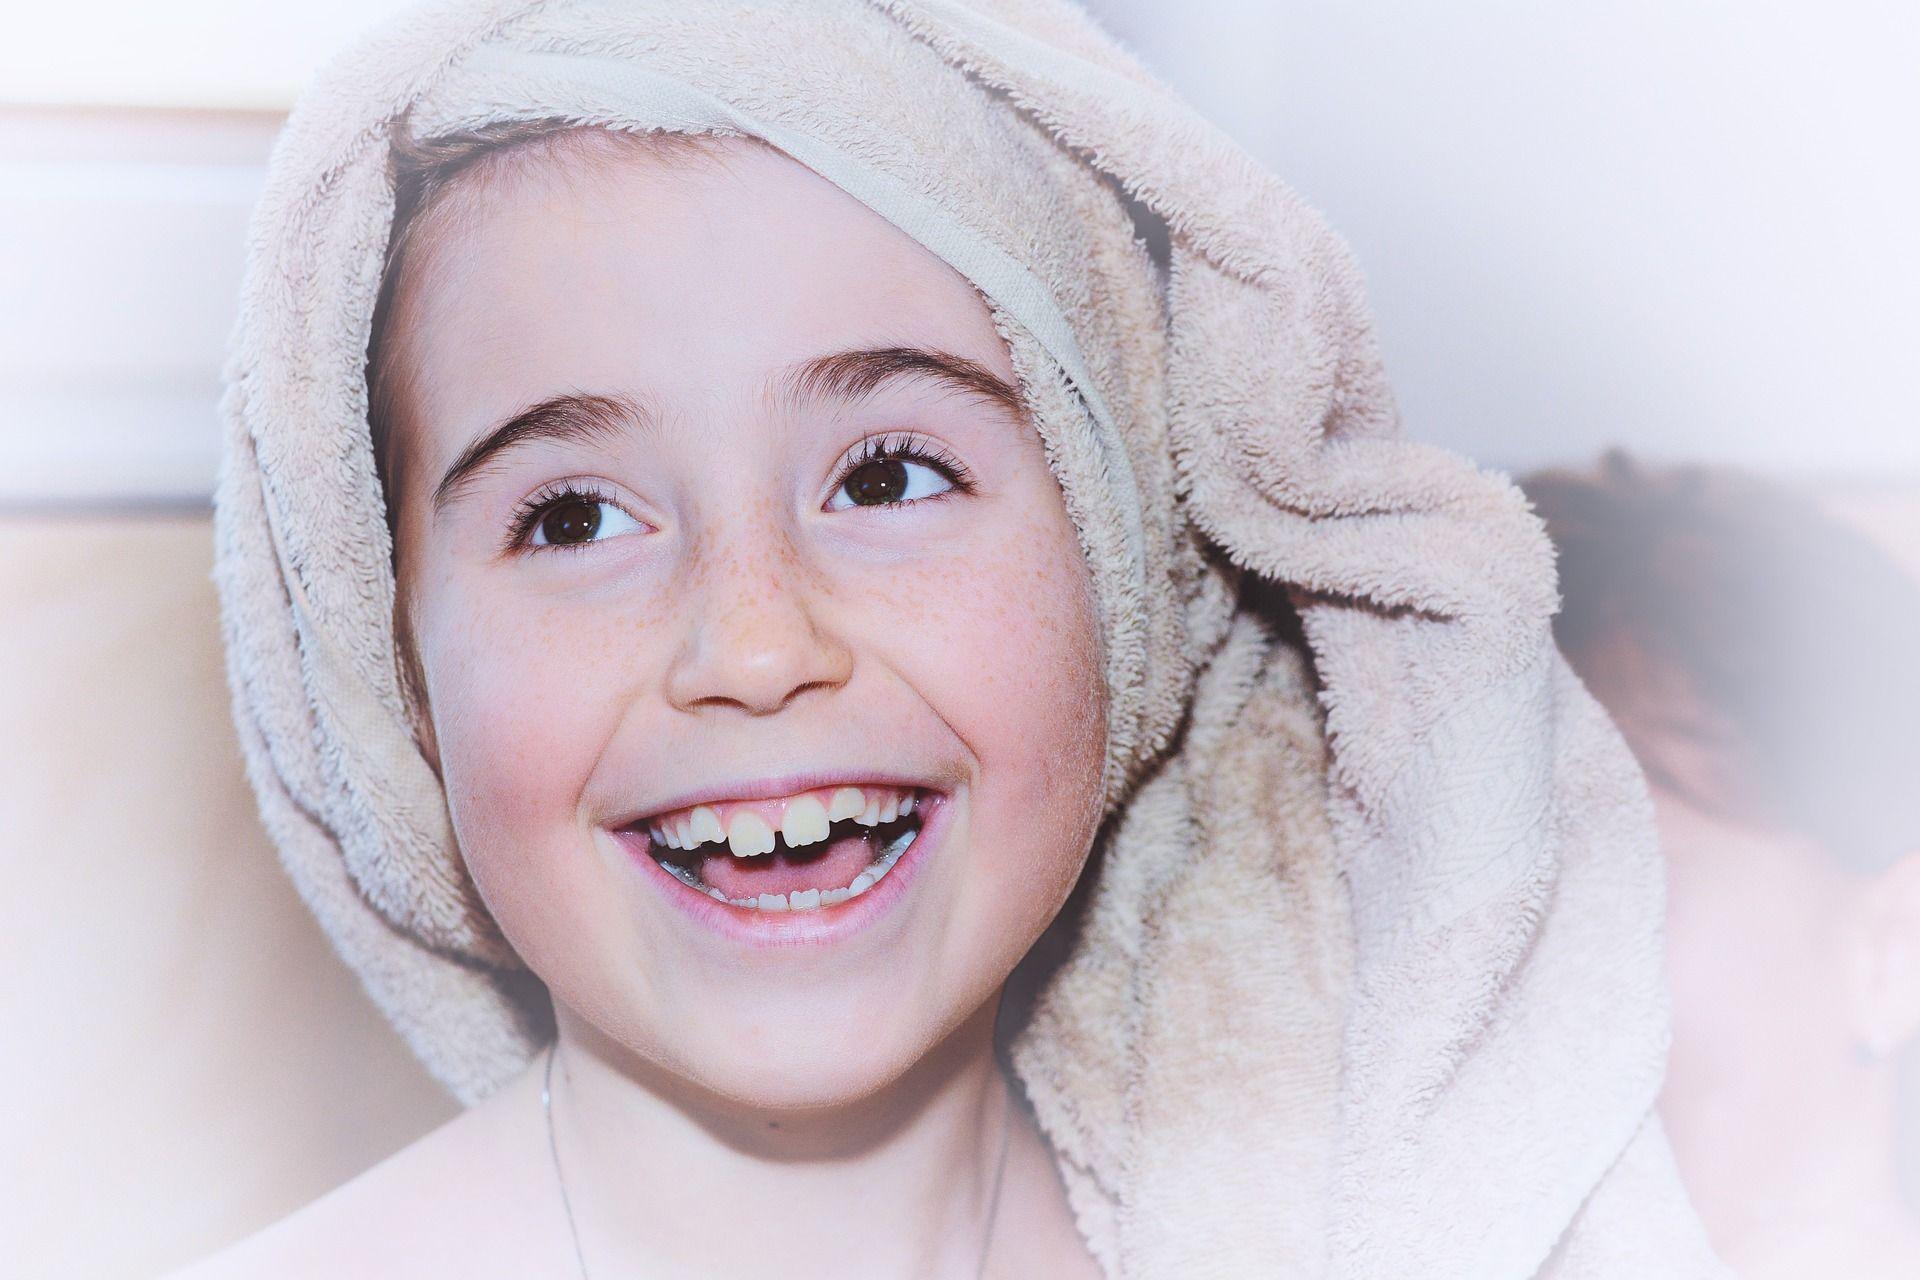 niño de 9 años sonriendo